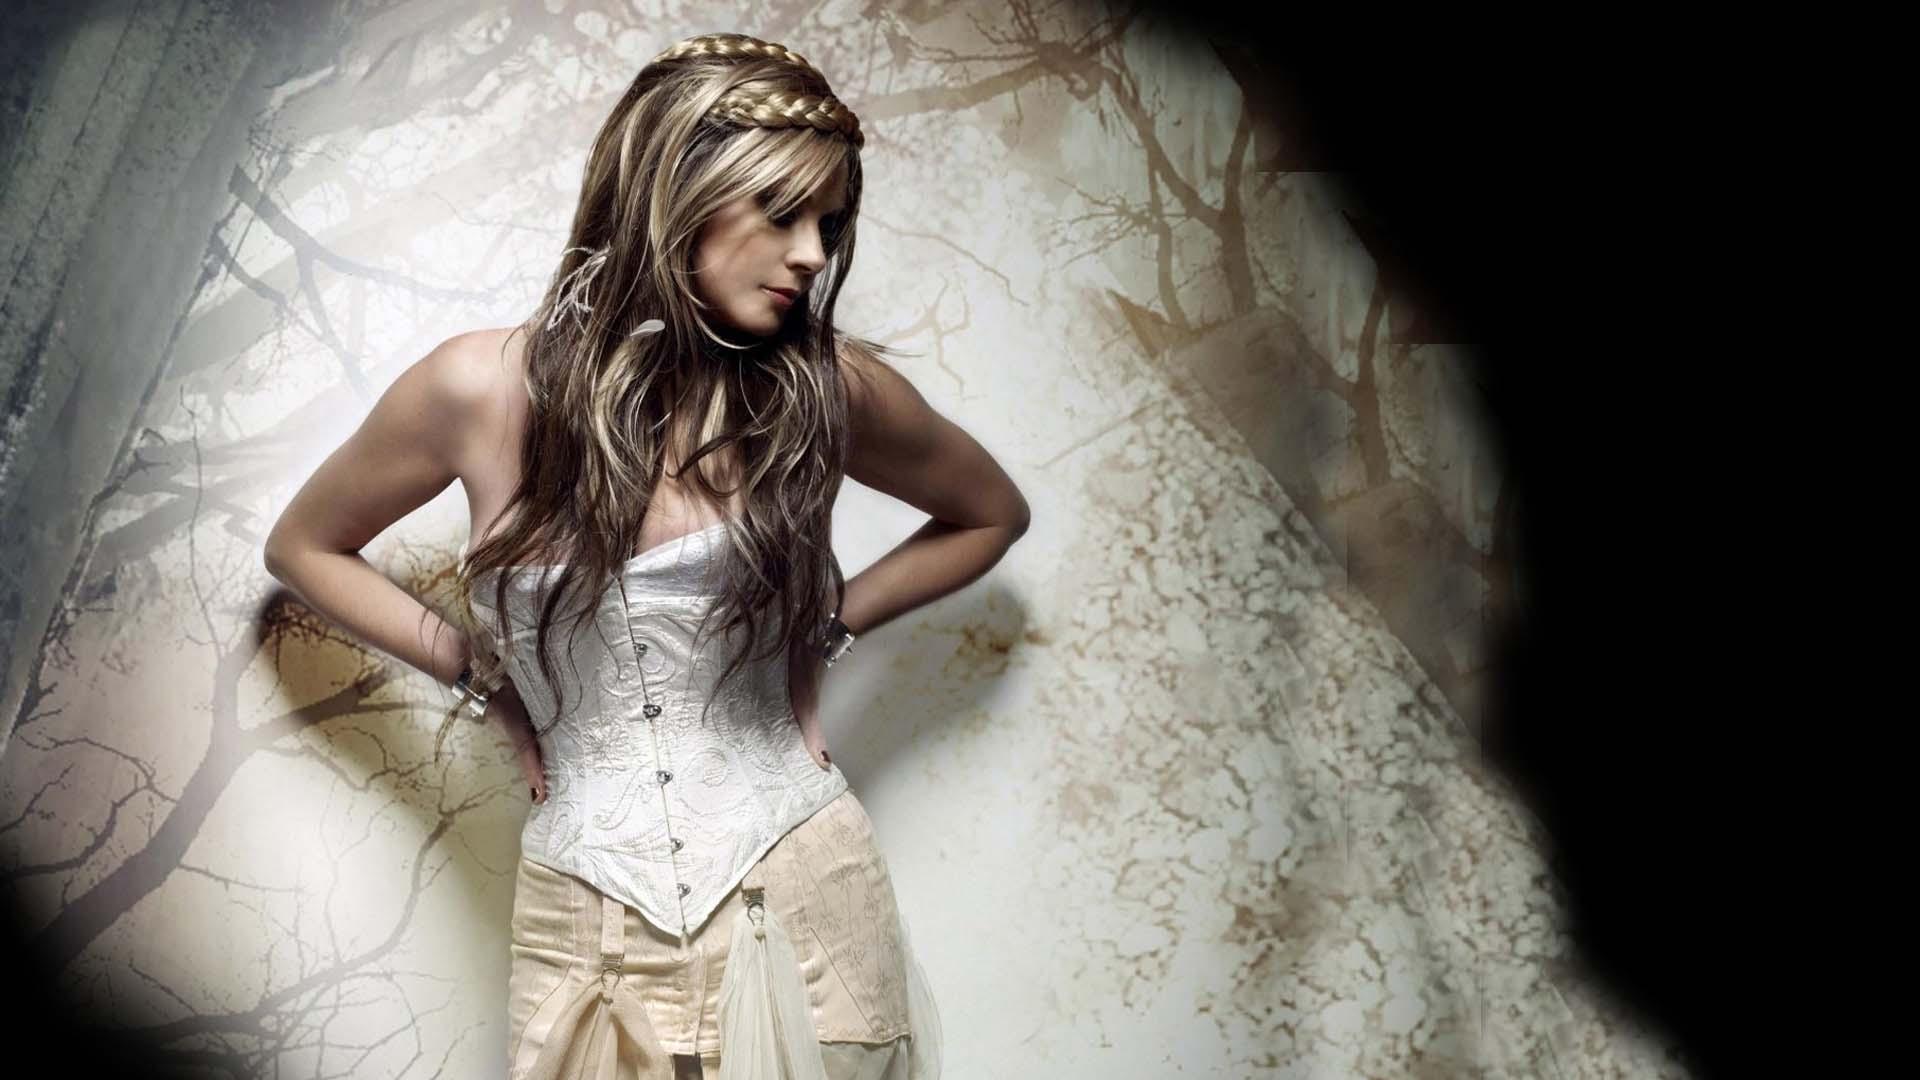 Sarah Brightman Wallpapers hd